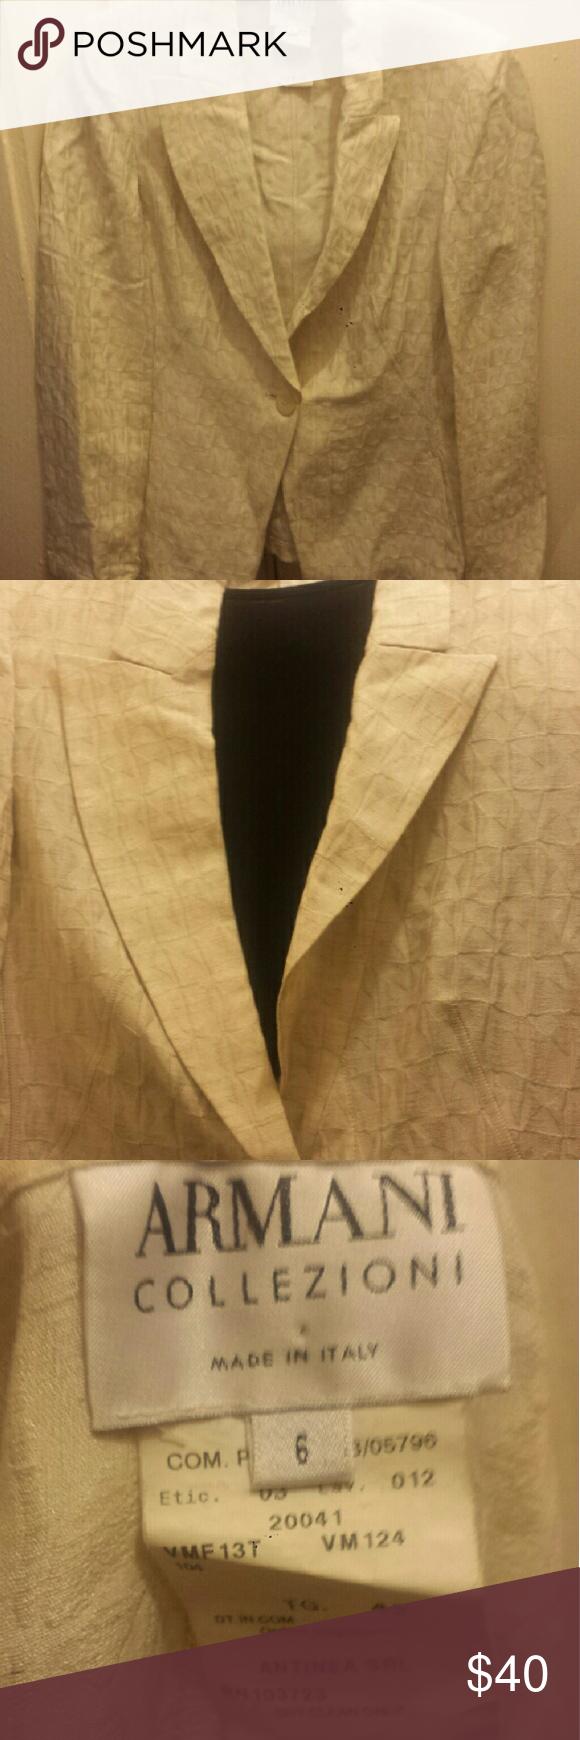 Armani Collezioni single button creme blazer Armani blazer in creme croc pattern. Rarely worn in excellent condition. Armani Collezioni Jackets & Coats Blazers